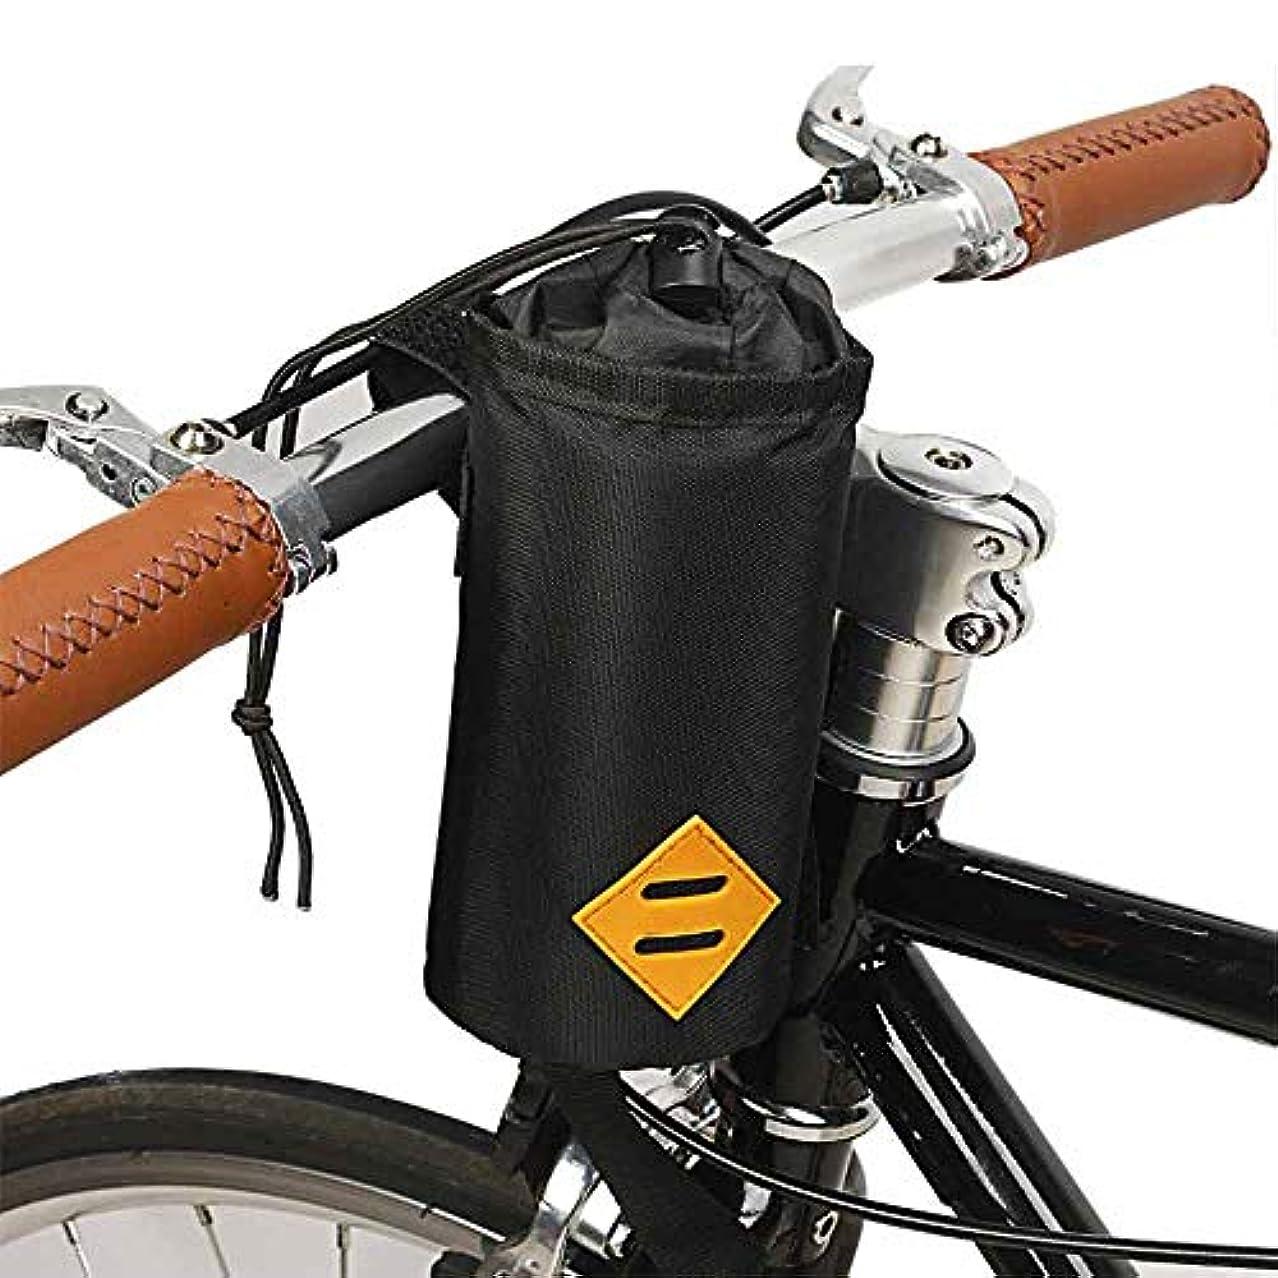 気配りのあるインデックス暫定の自転車ウォーターボトル保温バッグキャリアポーチポータブルサイクリングハンドルバーケトルバッグバイクハンドルバーステムバッグアウトドア (Size : L)